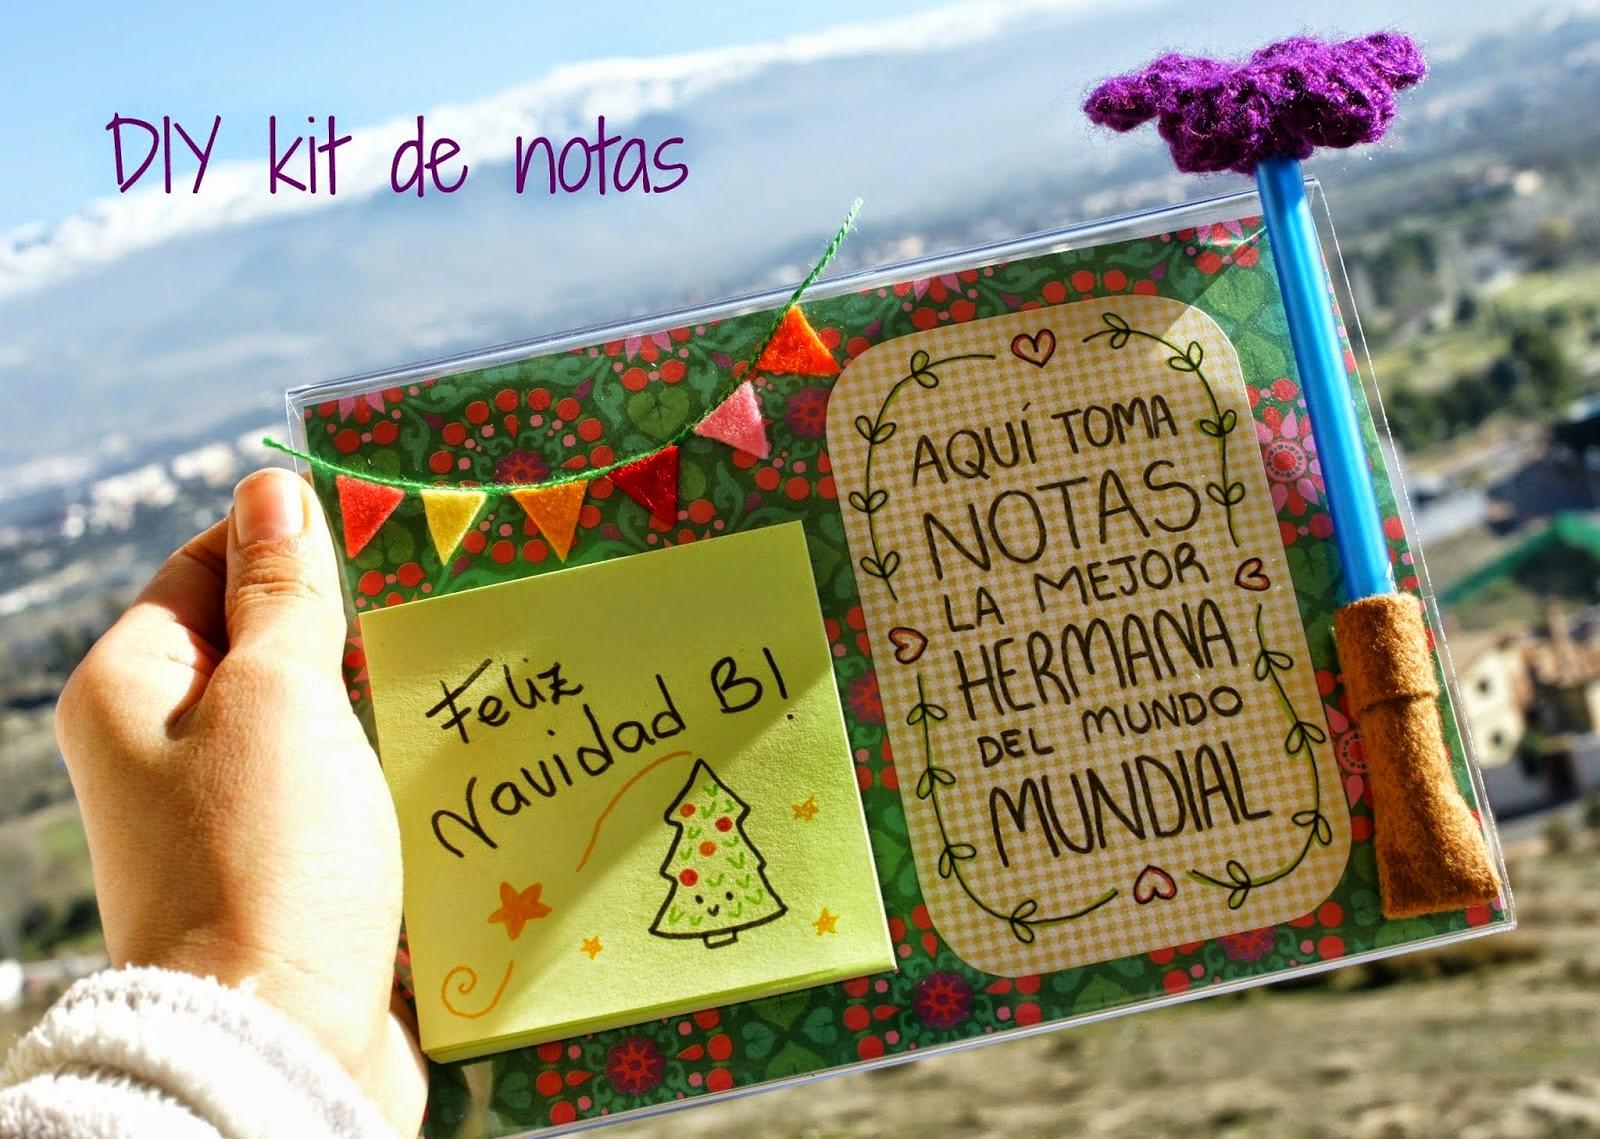 kit de notas realizado por Irene